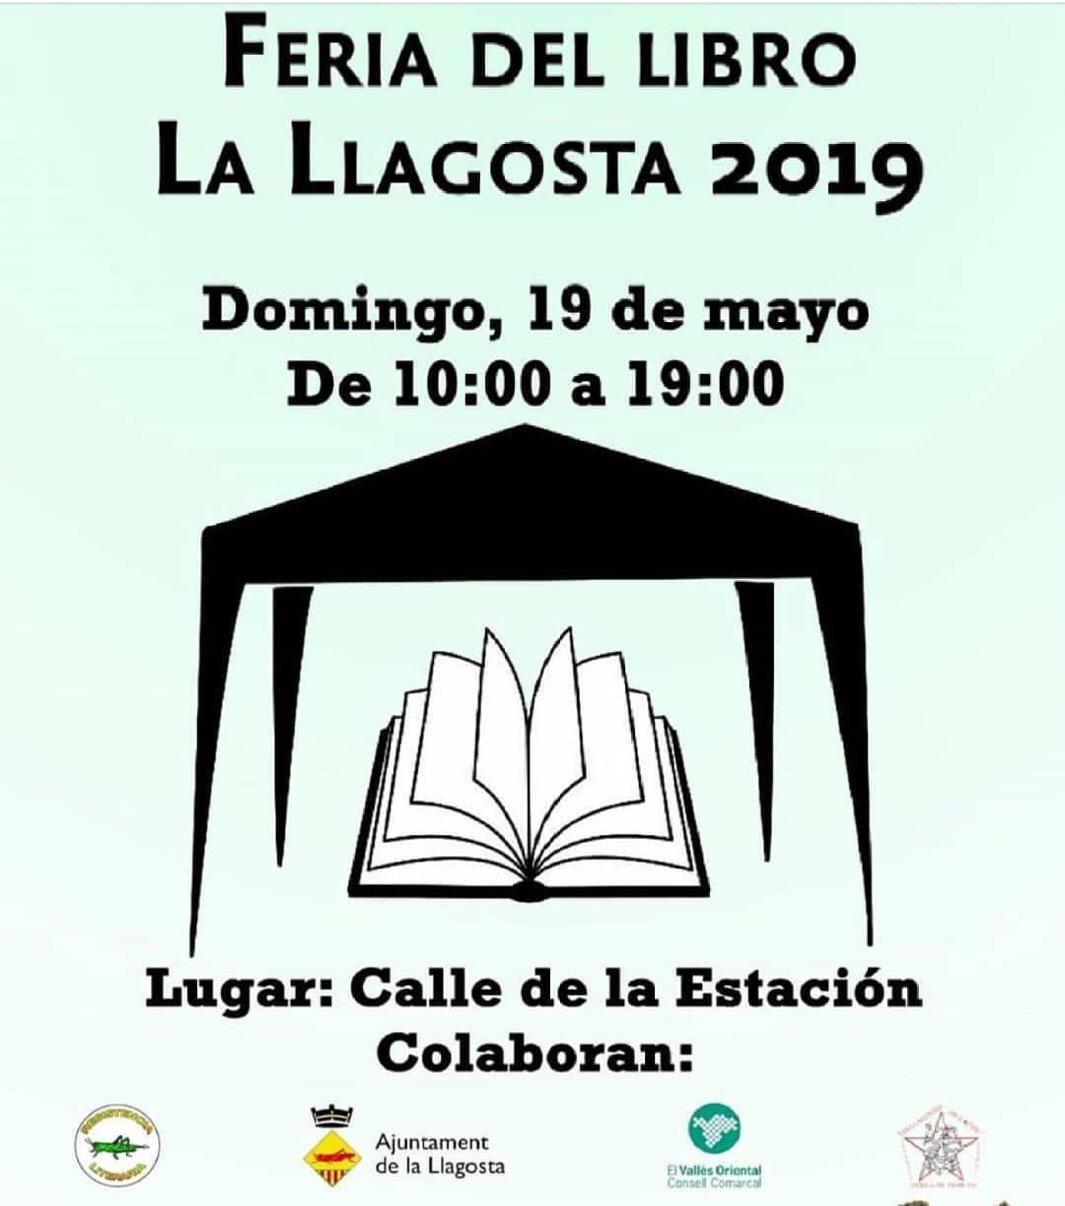 Feria del libro de la llagosta 2019